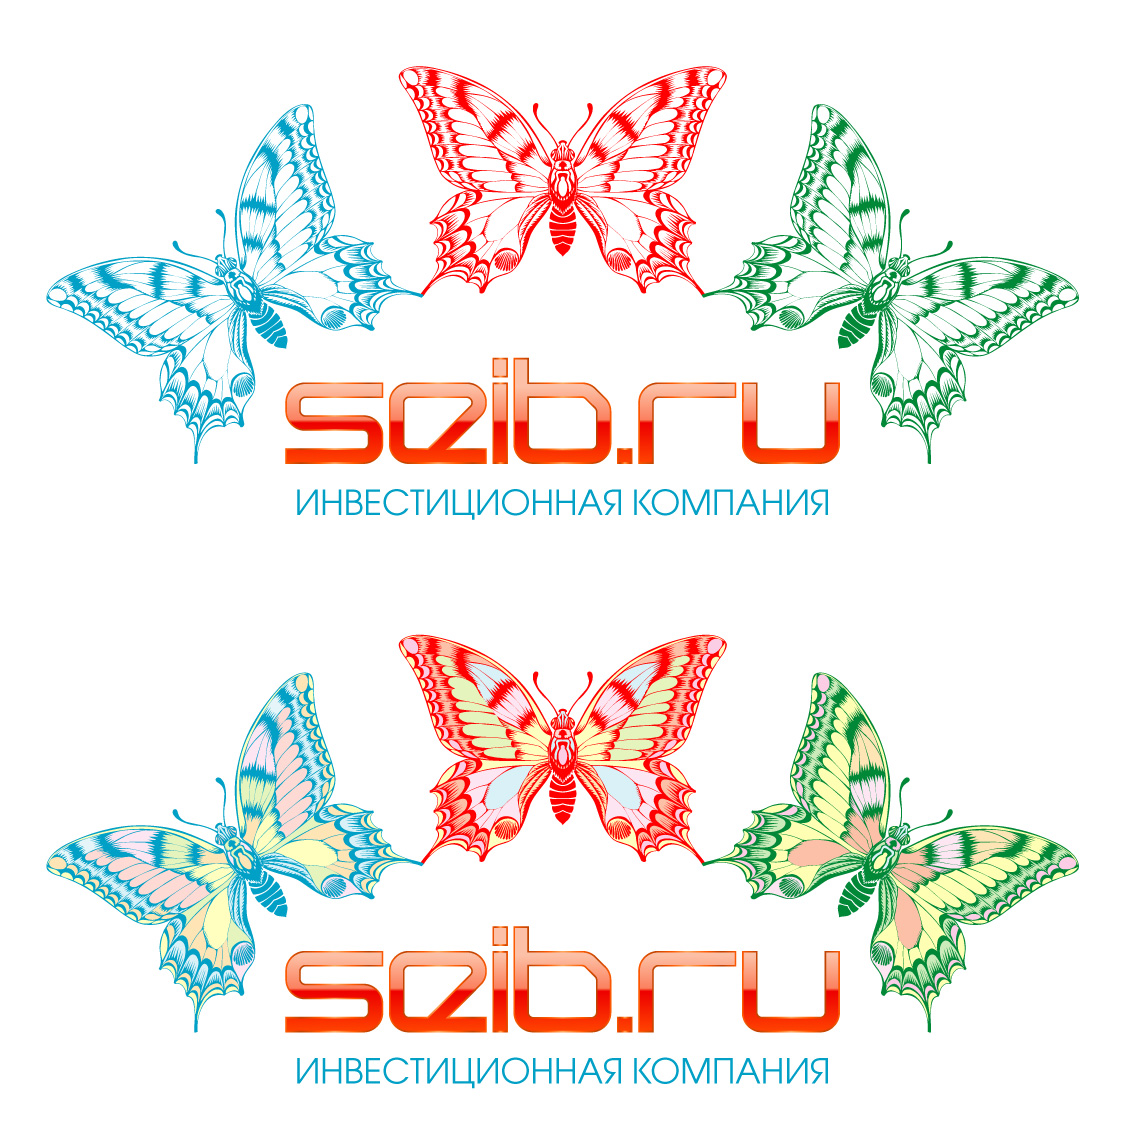 Логотип для инвестиционной компании фото f_6035140191e1e401.jpg